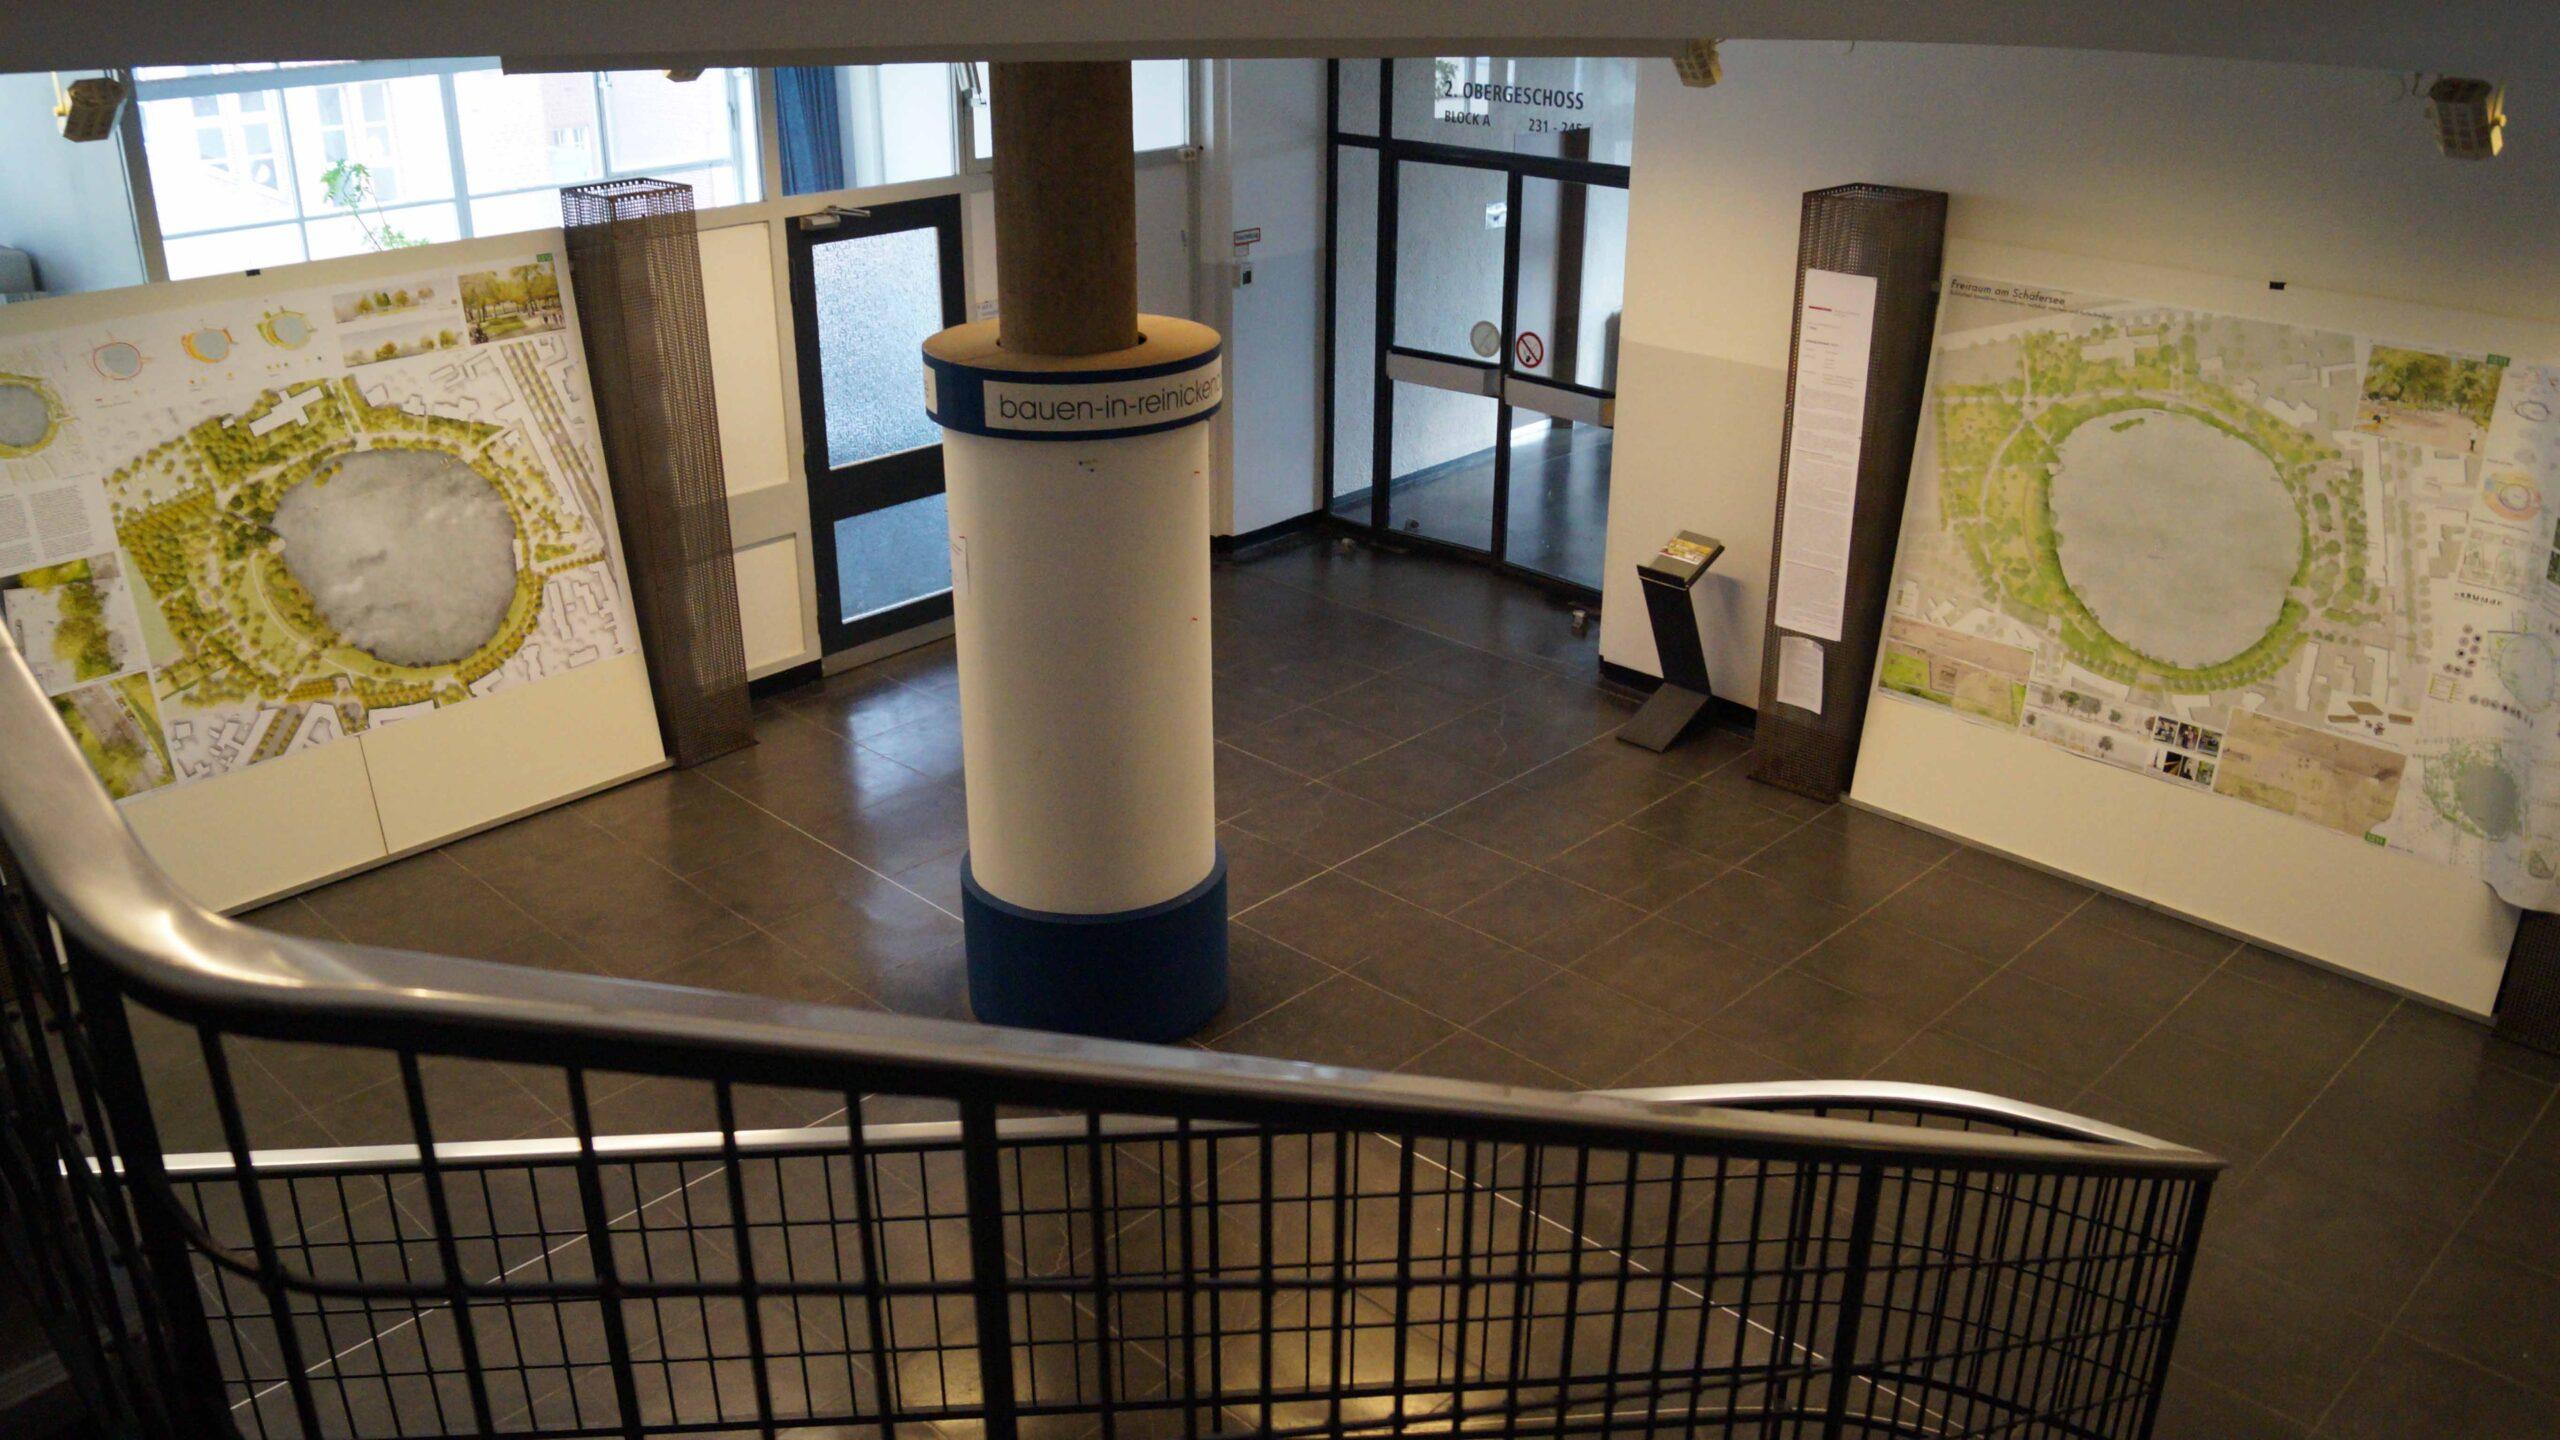 Schäfersee-Entwürfe im Rathaus Reinickendorf